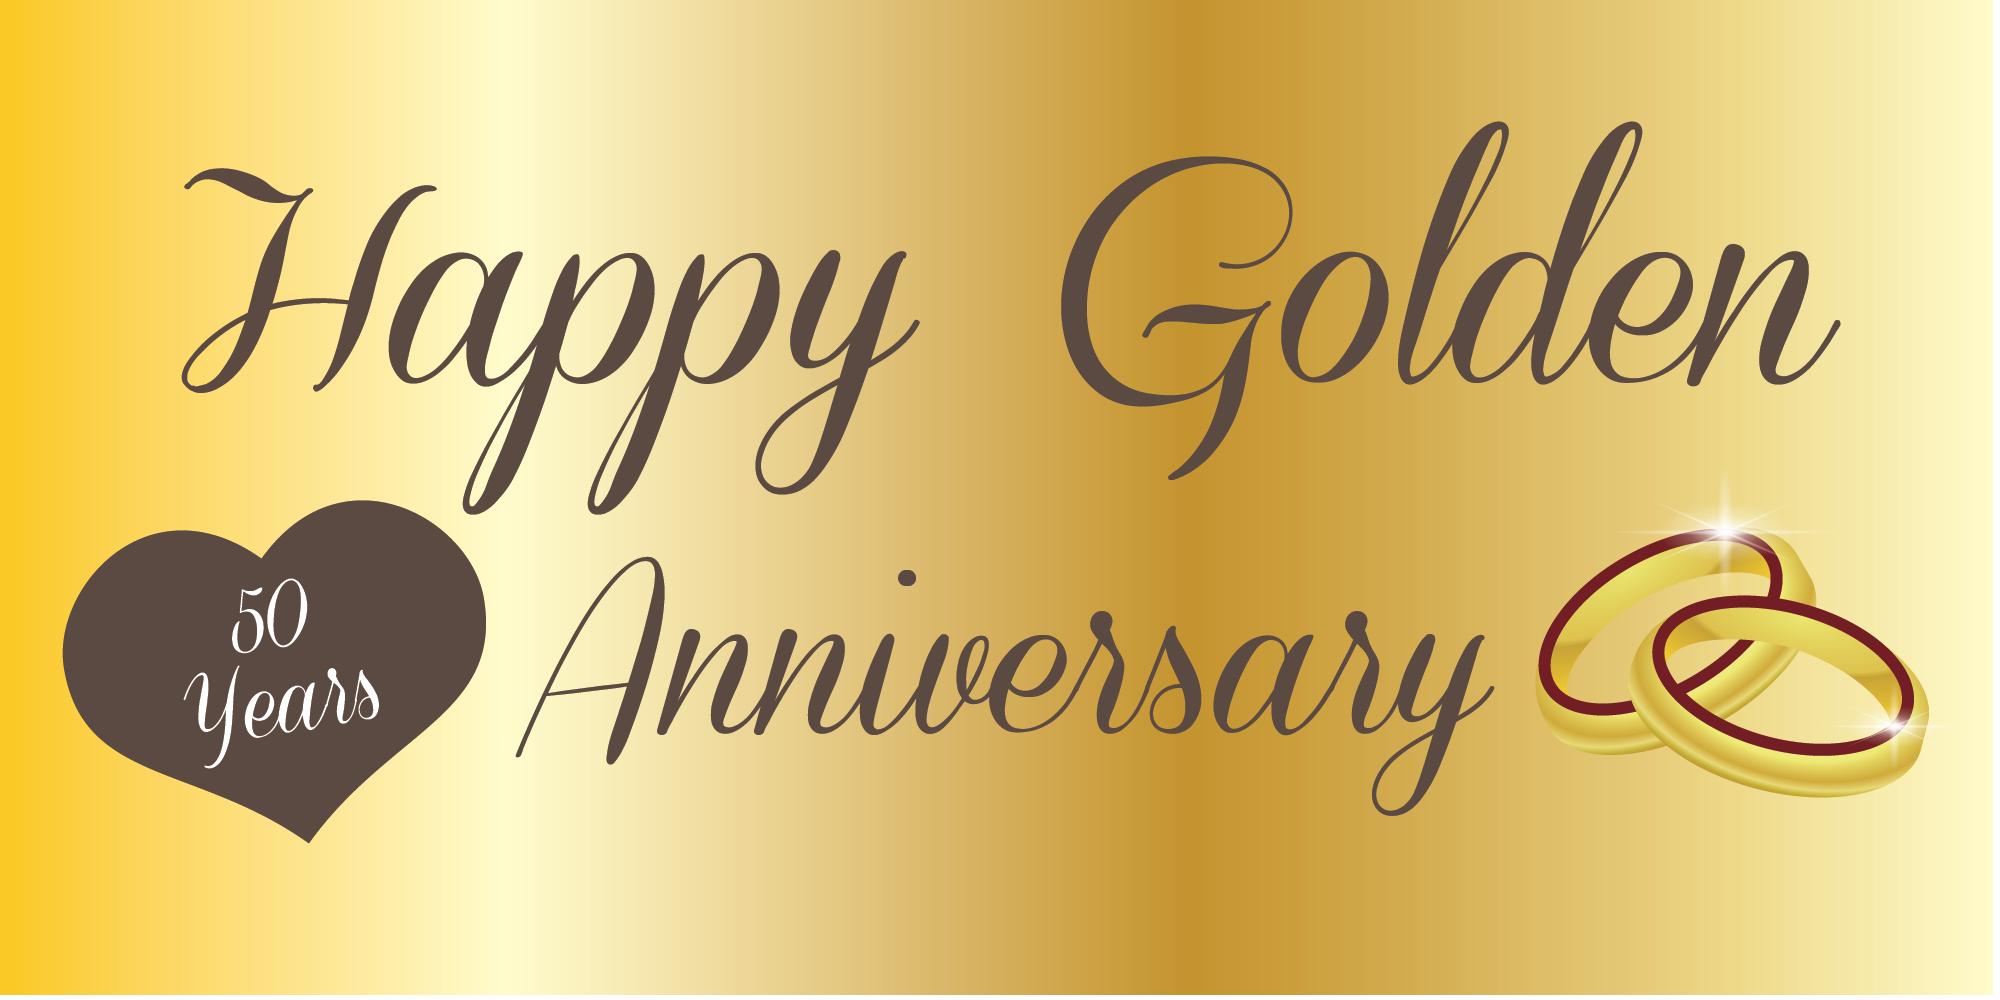 Anniversary Banner Golden 50th Wedding Anniversary Wishes 50th Year Wedding Anniversary Wedding Anniversary Wishes